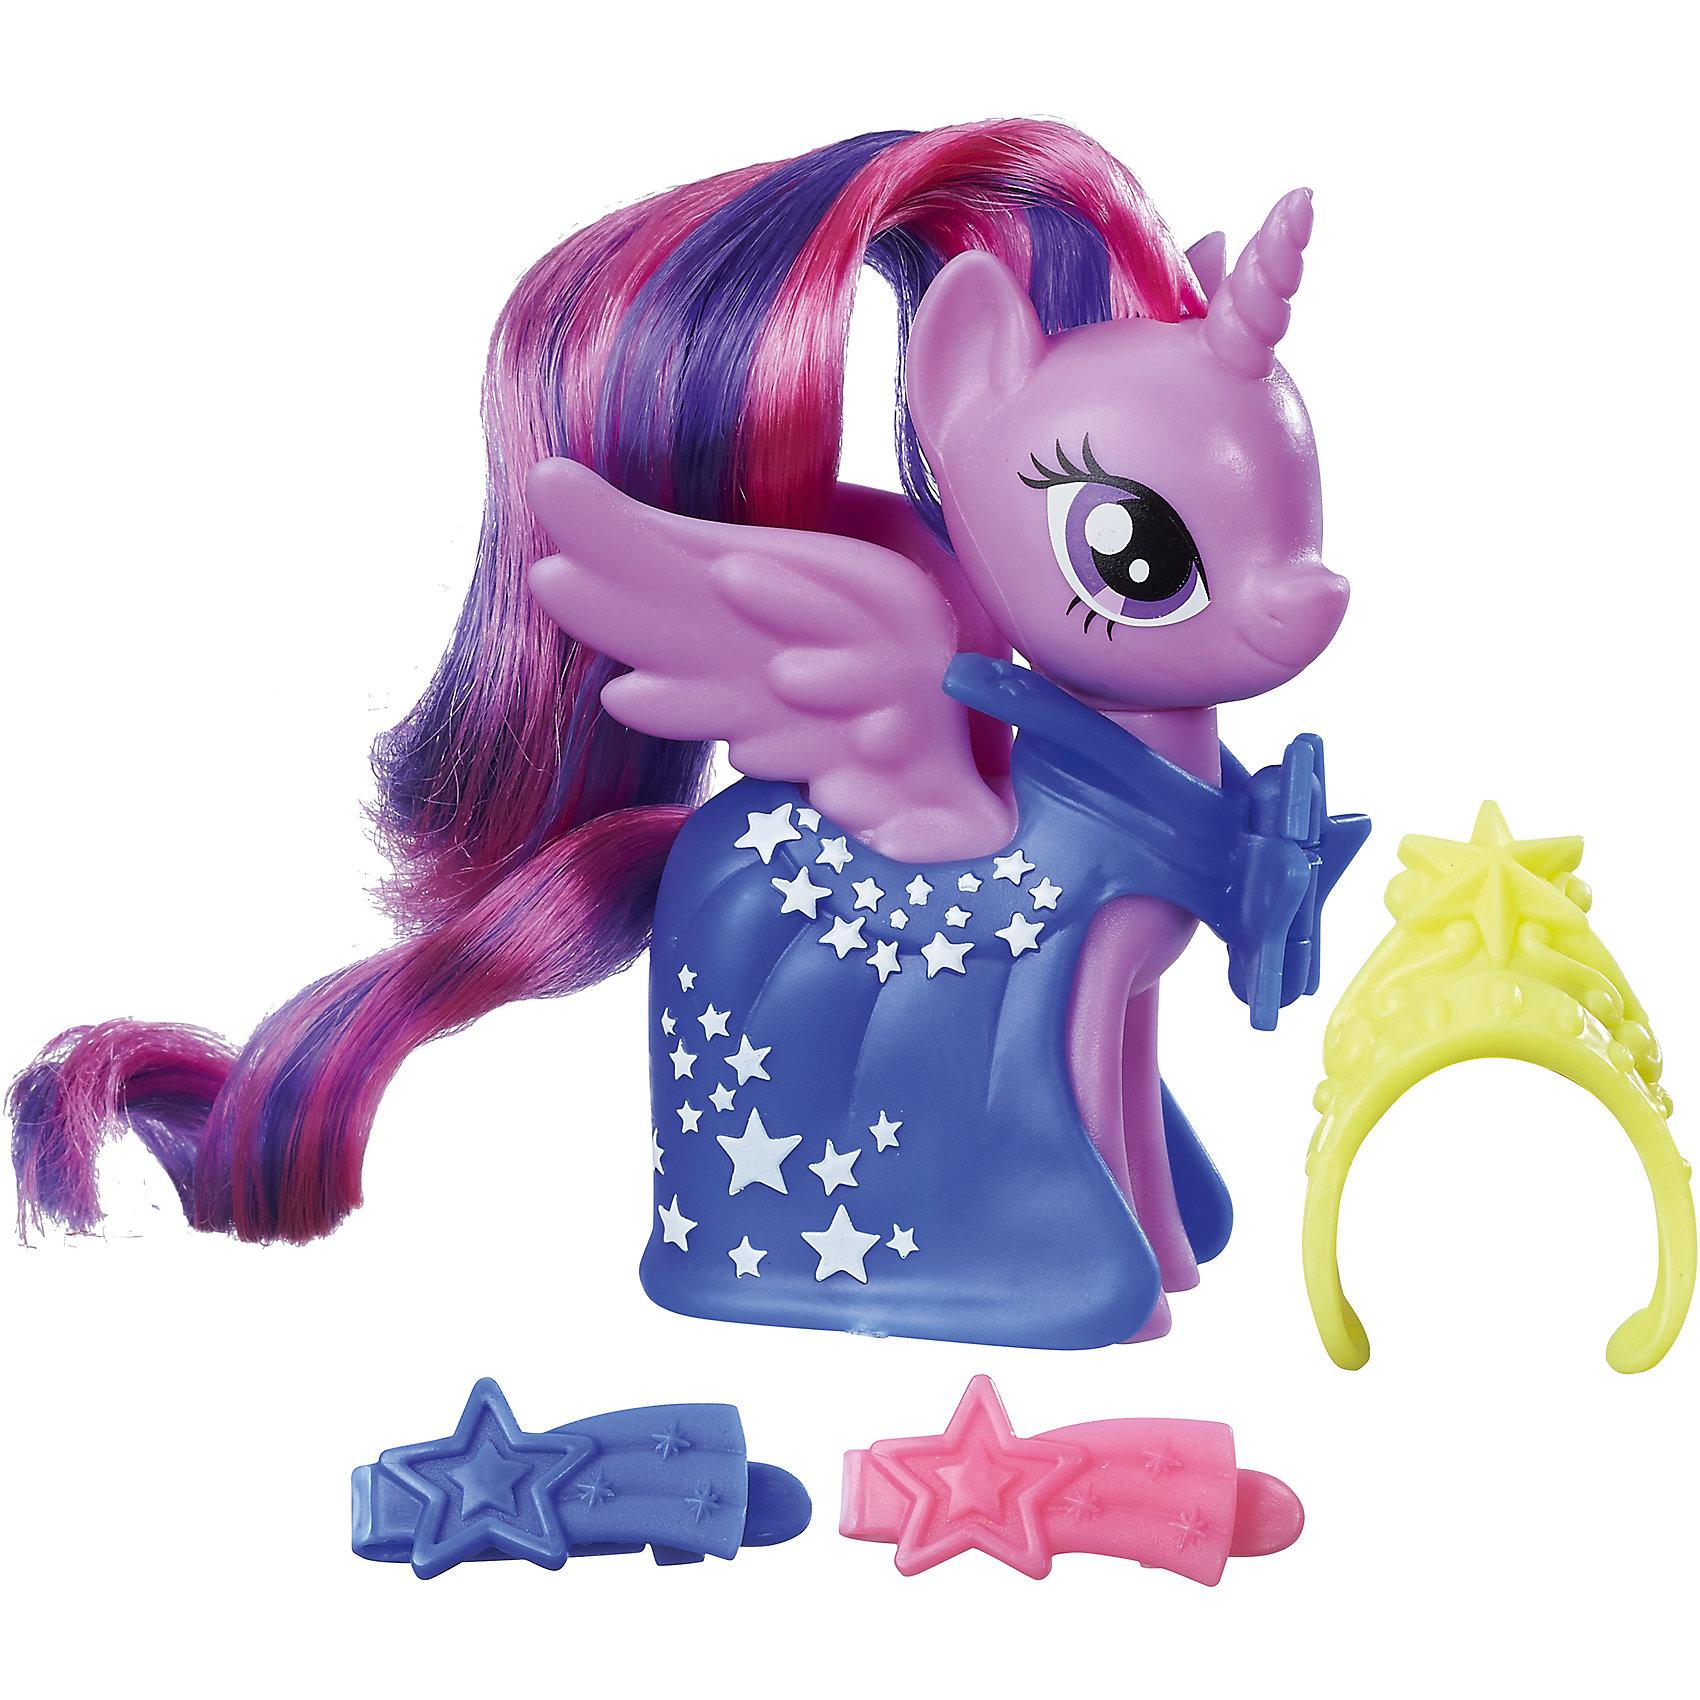 Игровой набор Hasbro My little Pony Пони-модницы, Сумеречная искоркаЛюбимые герои<br>Характеристики товара:<br><br>• возраст: от 3 лет;<br>• материал: пластик;<br>• в комплекте: фигурка пони, аксессуары;<br>• размер фигурки: 8 см;<br>• размер упаковки: 18,4х17,8х4,8 см;<br>• вес упаковки: 145 гр.;<br>• страна производитель: Китай.<br><br>Игровой набор «Пони-модницы» My Little Pony Hasbro создан по мотивам известного мультсериала. В наборе фигурка пони Сумеречная искорка с фиолетовой гривой и синим костюмчиком, украшенным звездами. Стильные аксессуары дополнят образ маленькой пони. Мягкий хвостик и гриву можно расчесывать, заплетать, украшать, придумывая каждый раз новый оригинальный образ. <br><br>Игровой набор «Пони-модницы» My Little Pony Hasbro B8810/B9623 можно приобрести в нашем интернет-магазине.<br><br>Ширина мм: 48<br>Глубина мм: 178<br>Высота мм: 184<br>Вес г: 145<br>Возраст от месяцев: 36<br>Возраст до месяцев: 2147483647<br>Пол: Женский<br>Возраст: Детский<br>SKU: 6674412